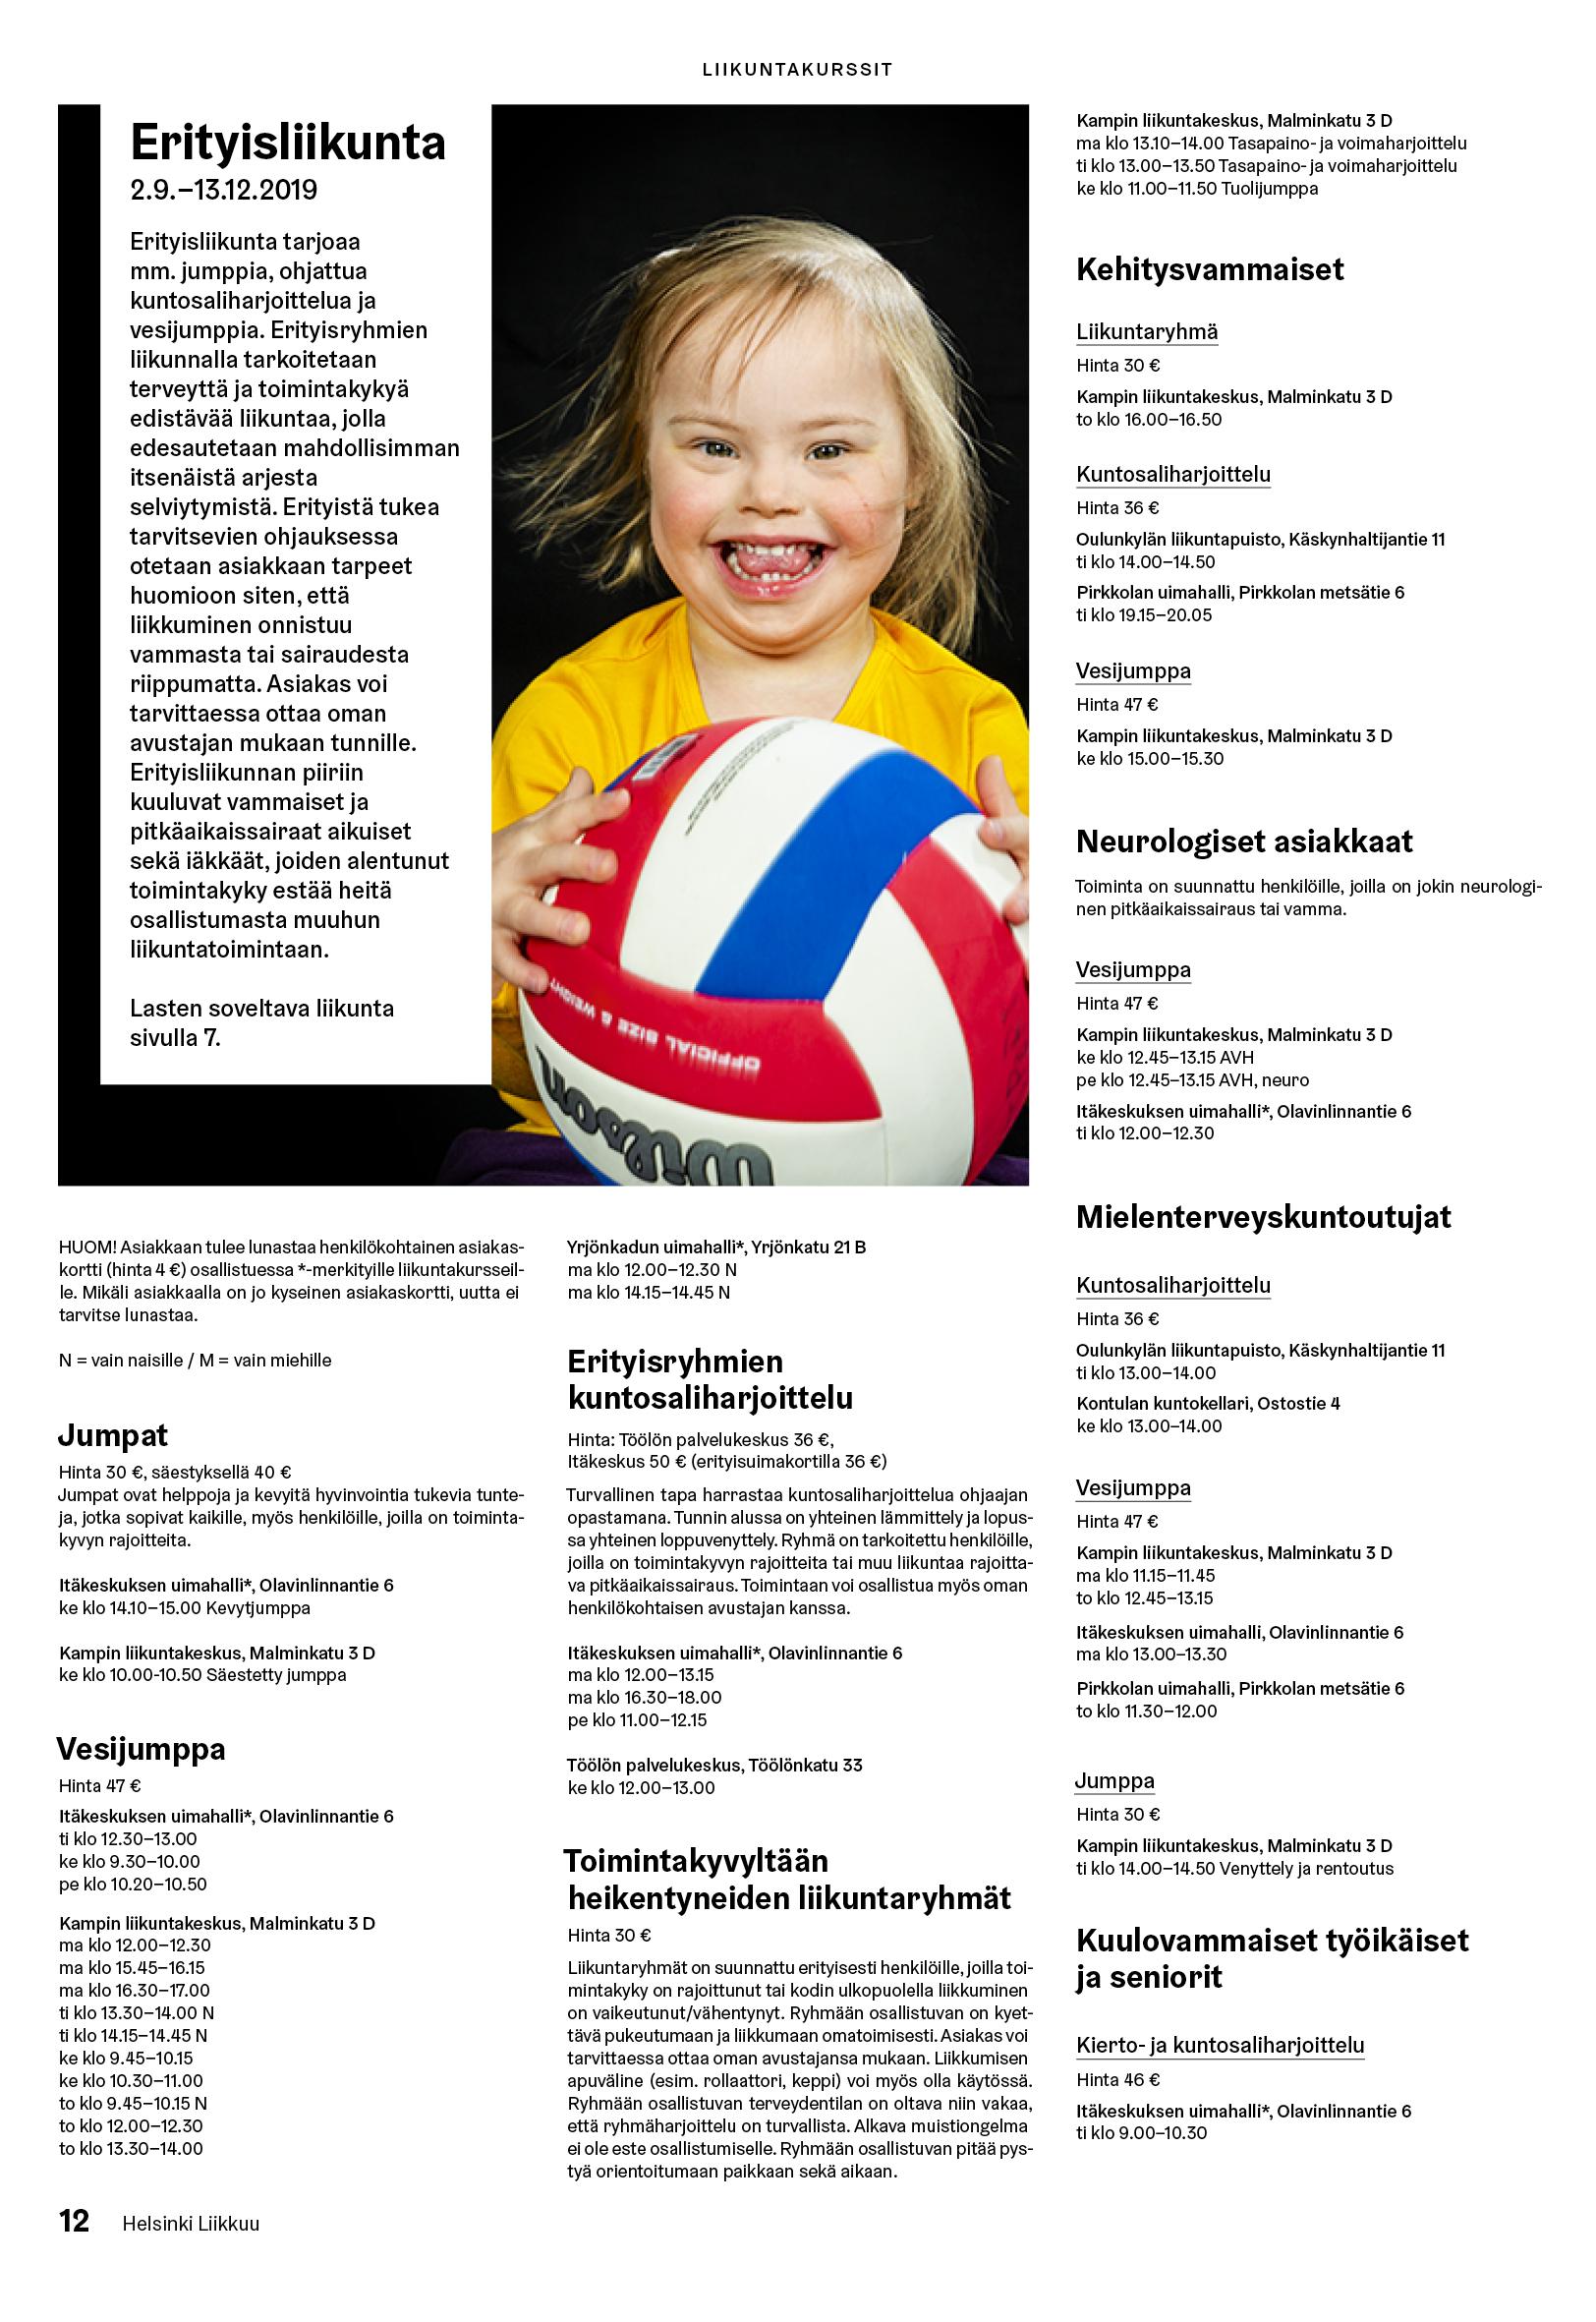 Helsingin_Uutiset_liikuntapalveluiden_syysesite_2019_netti12